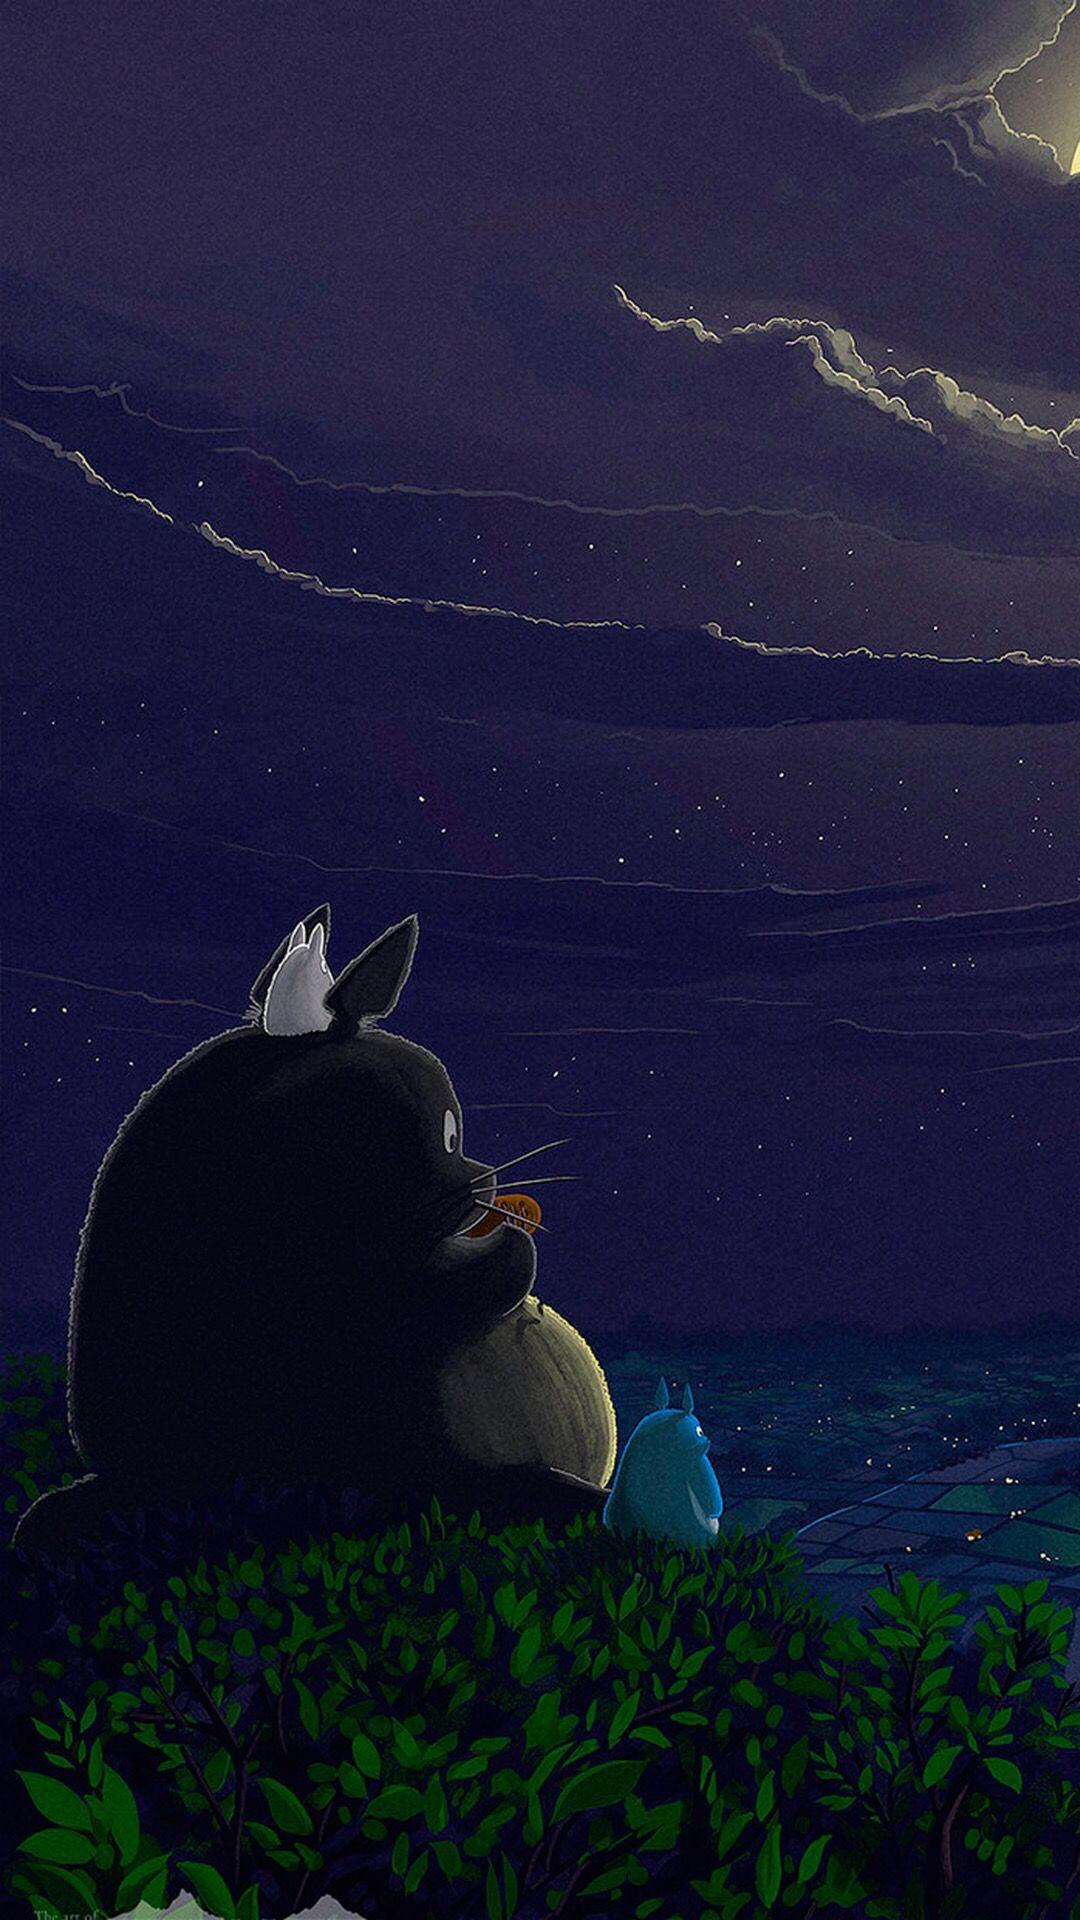 My Neighbor Totoro Wallpaper Totoro My Neighbor Totoro Whale